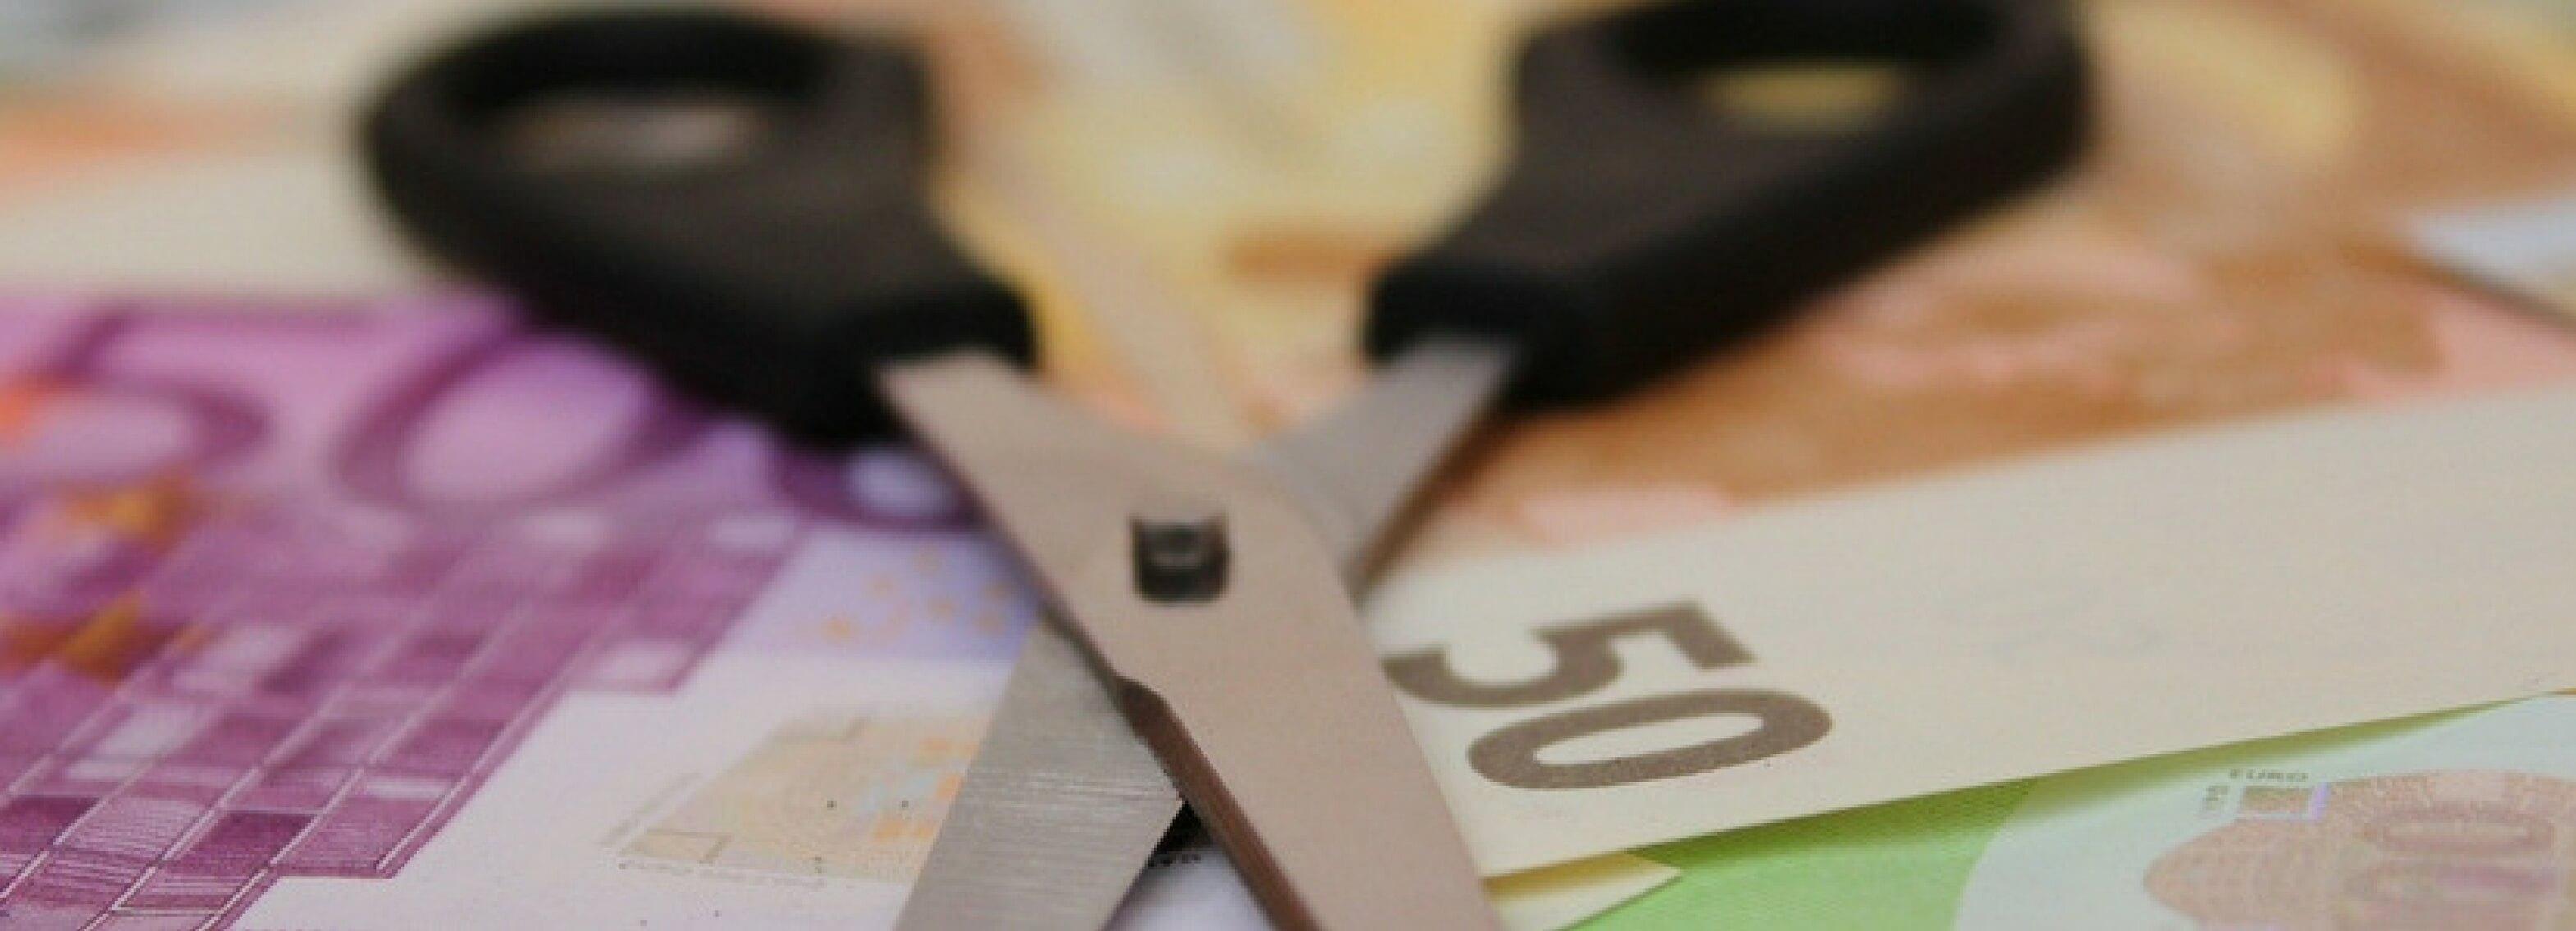 klein pensioen verdelen